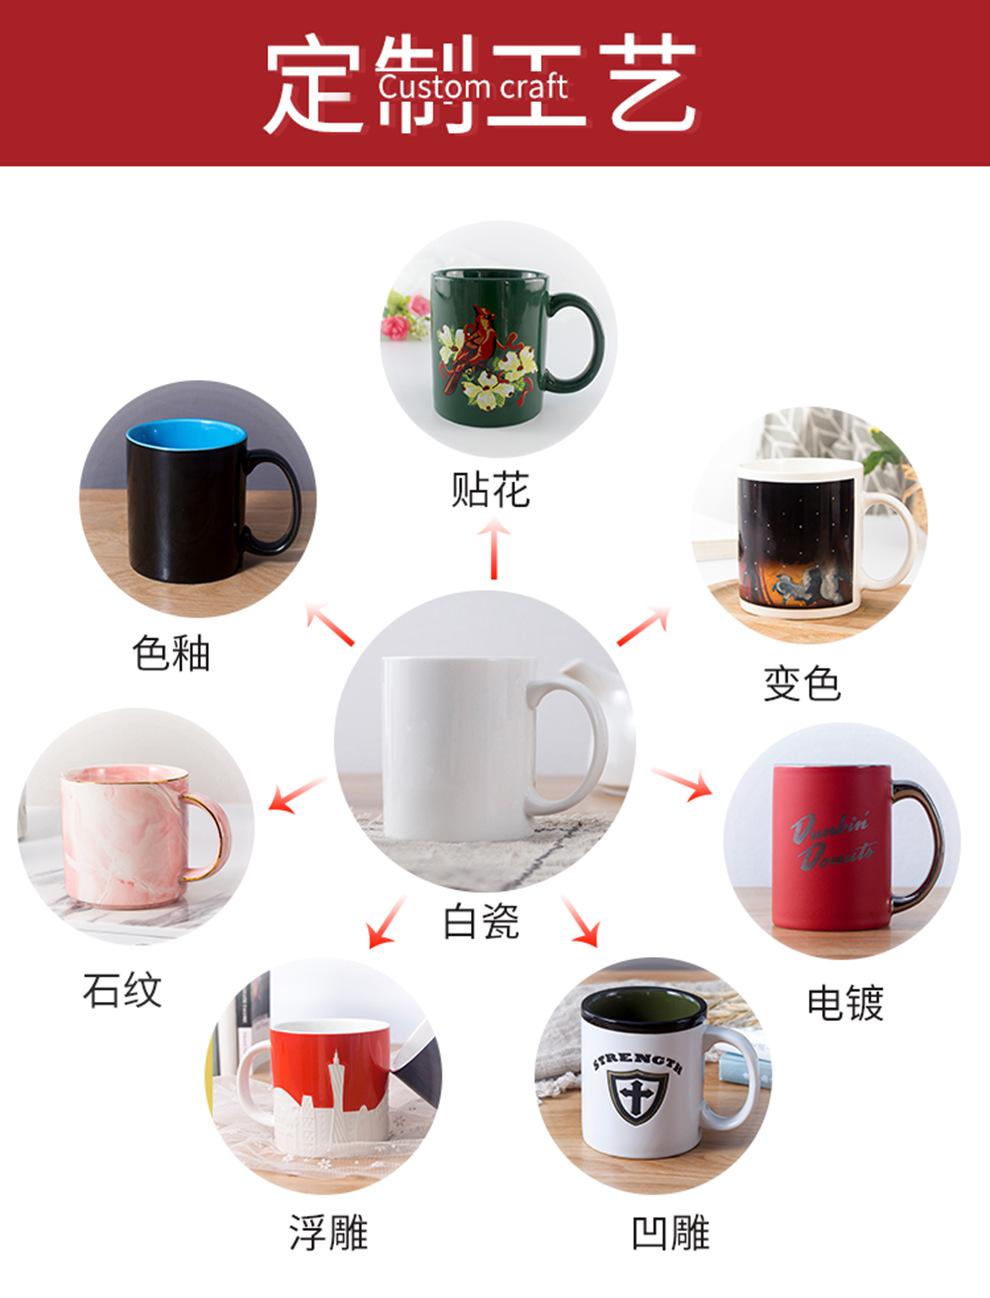 定制工艺(中文)